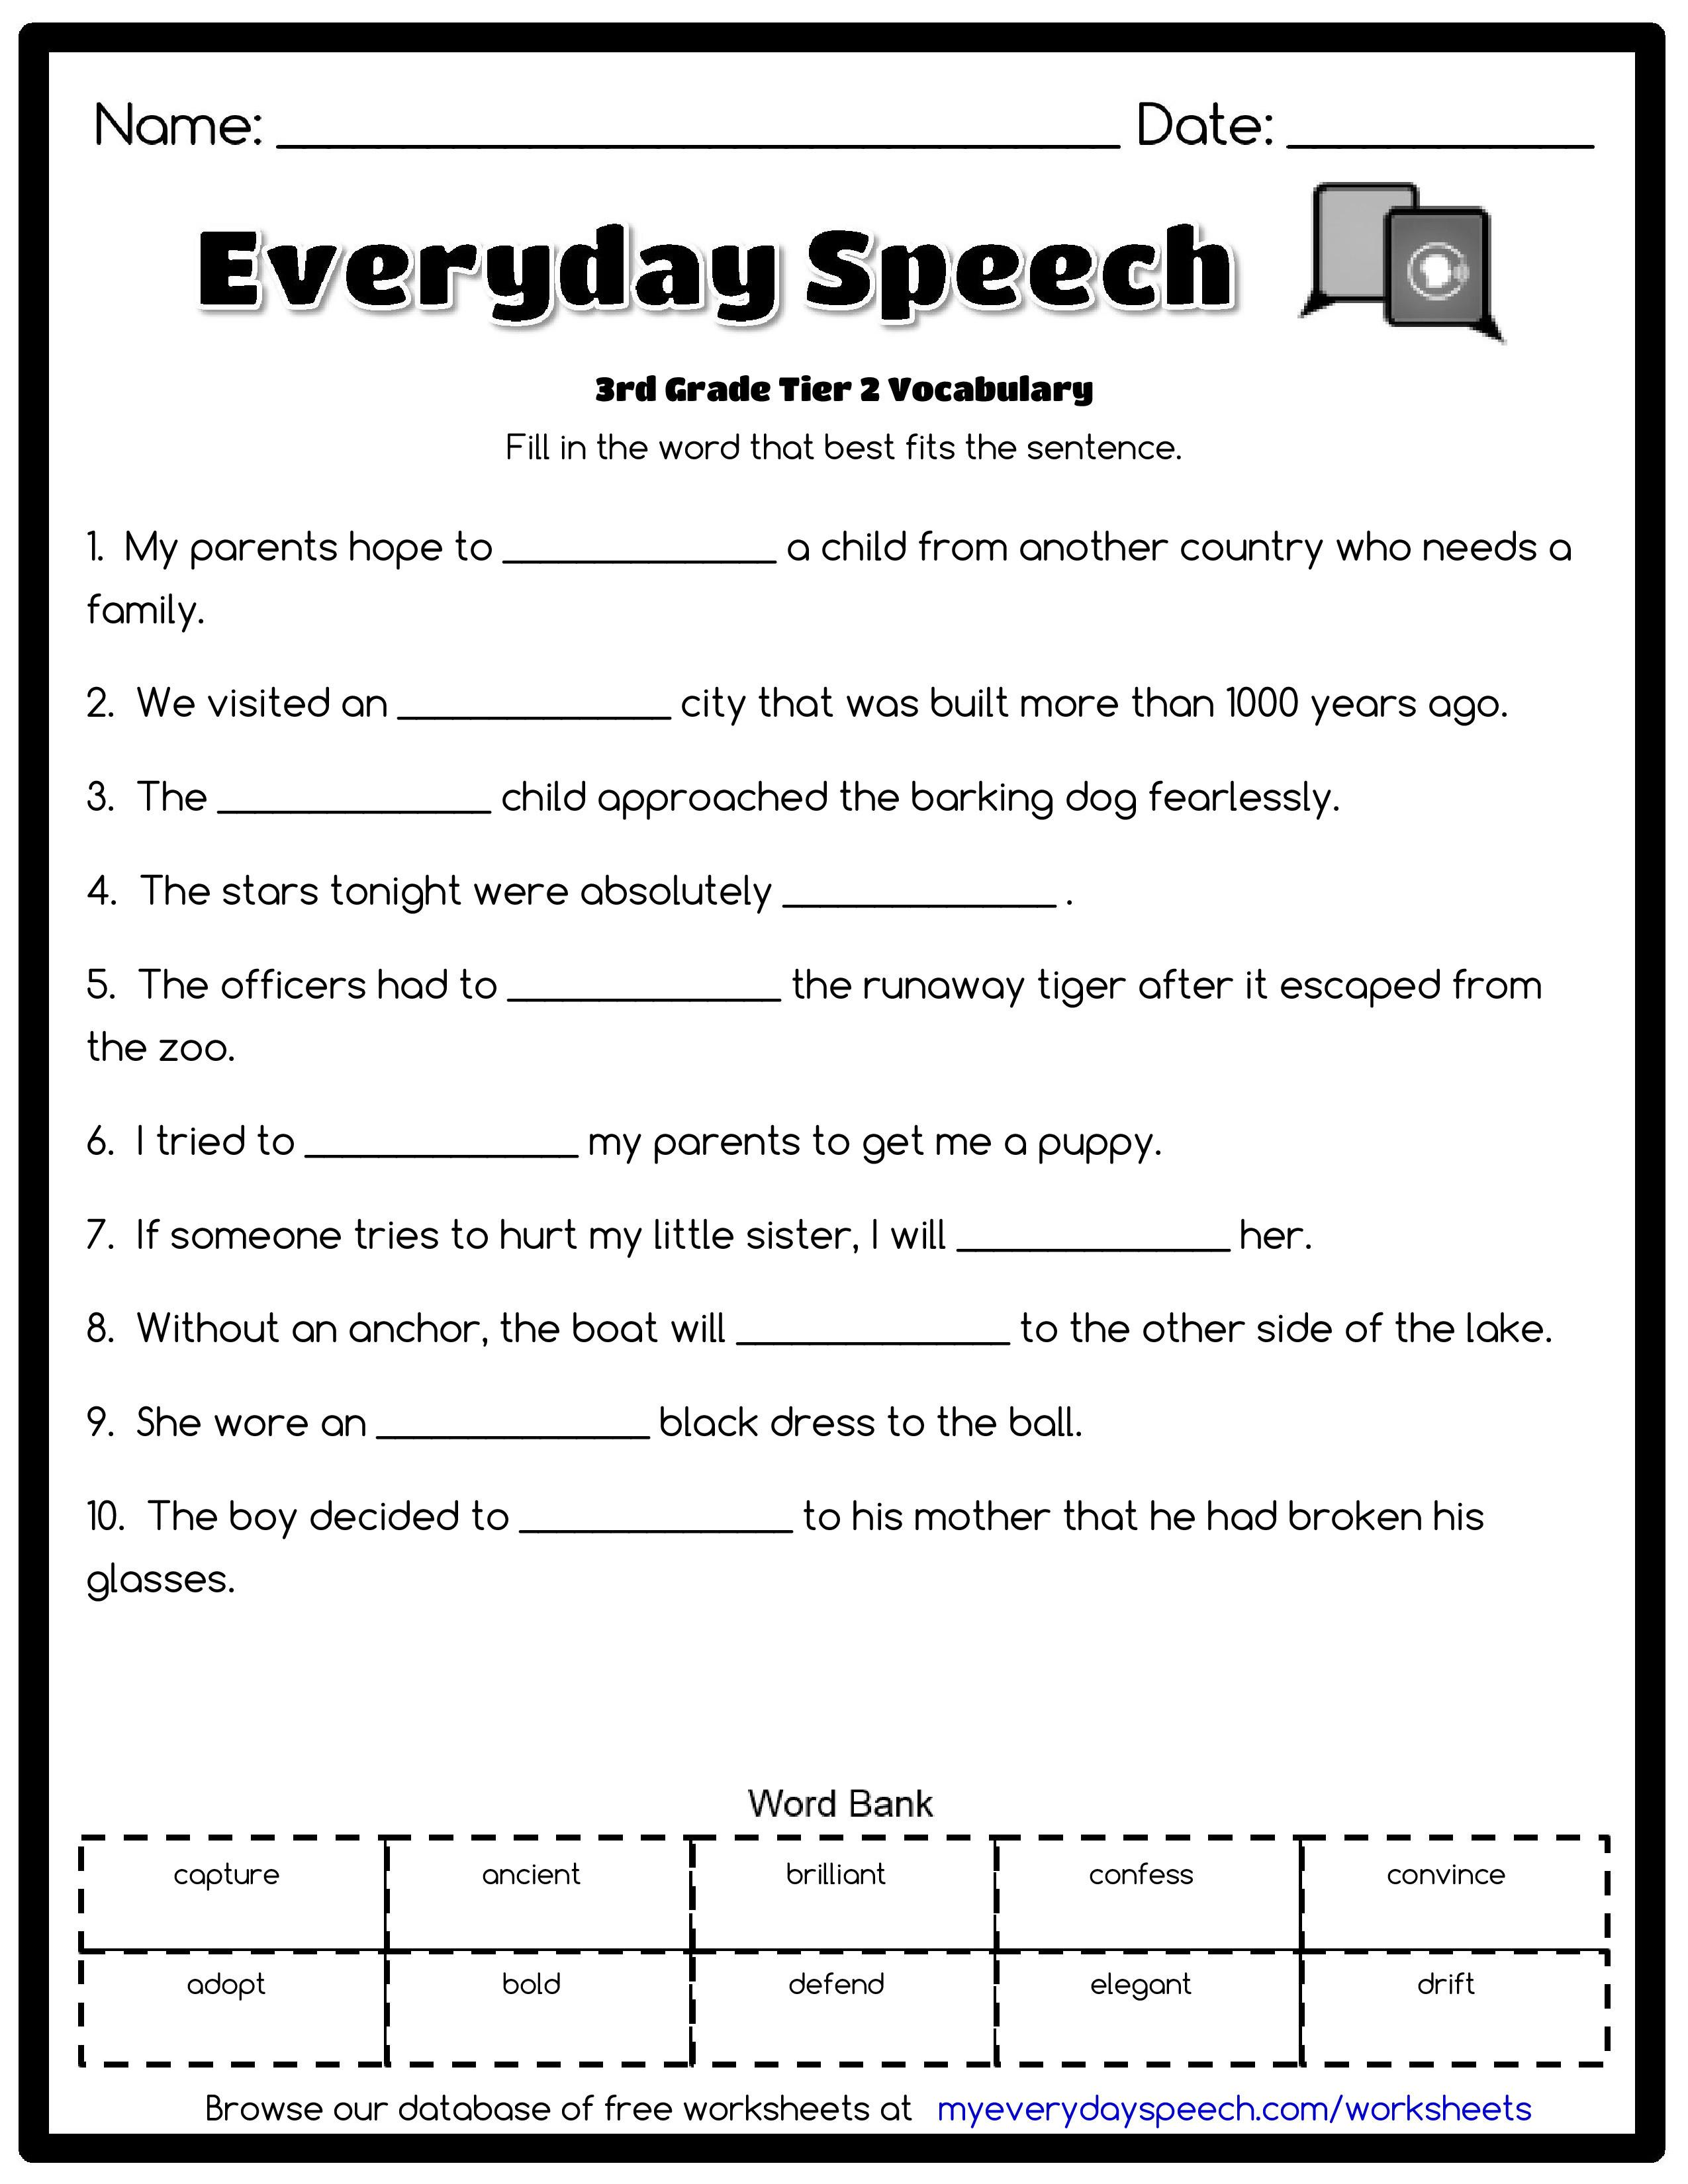 4th Grade Vocabulary Worksheets 3rd Grade Vocabulary Worksheets for Download 3rd Grade